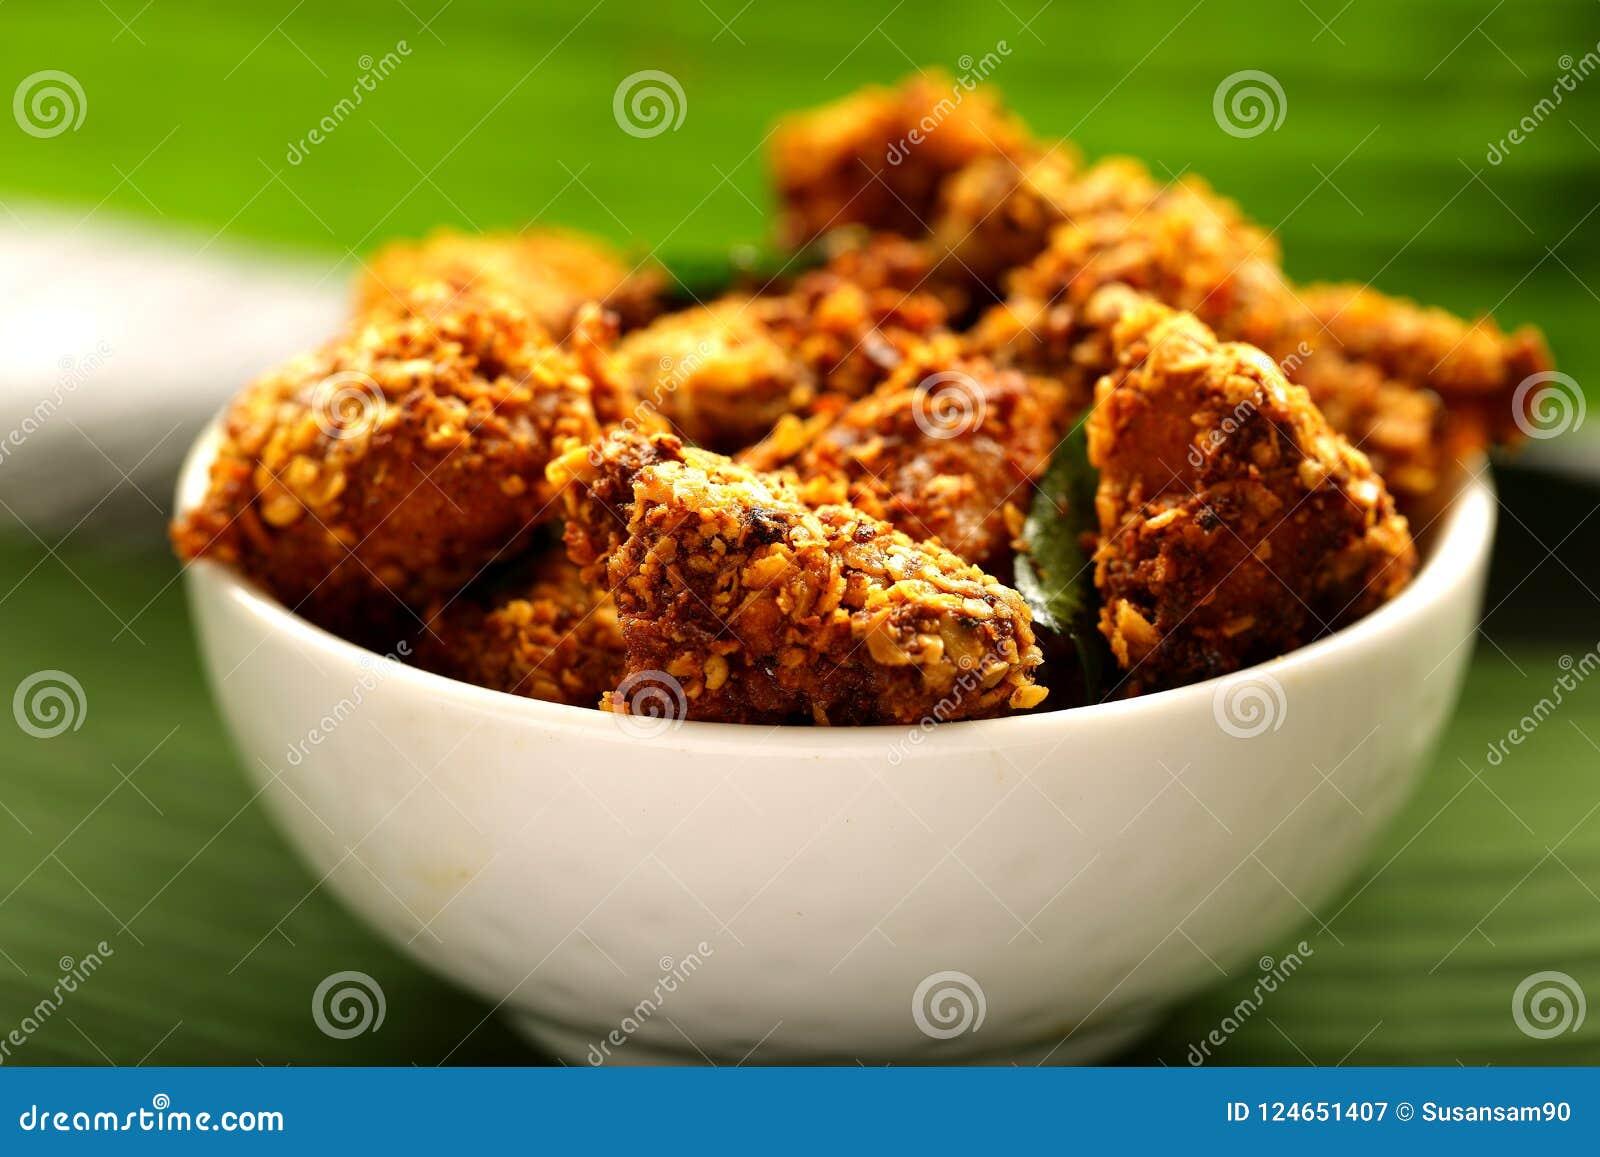 Indische cuisine- Heerlijke gebraden kip